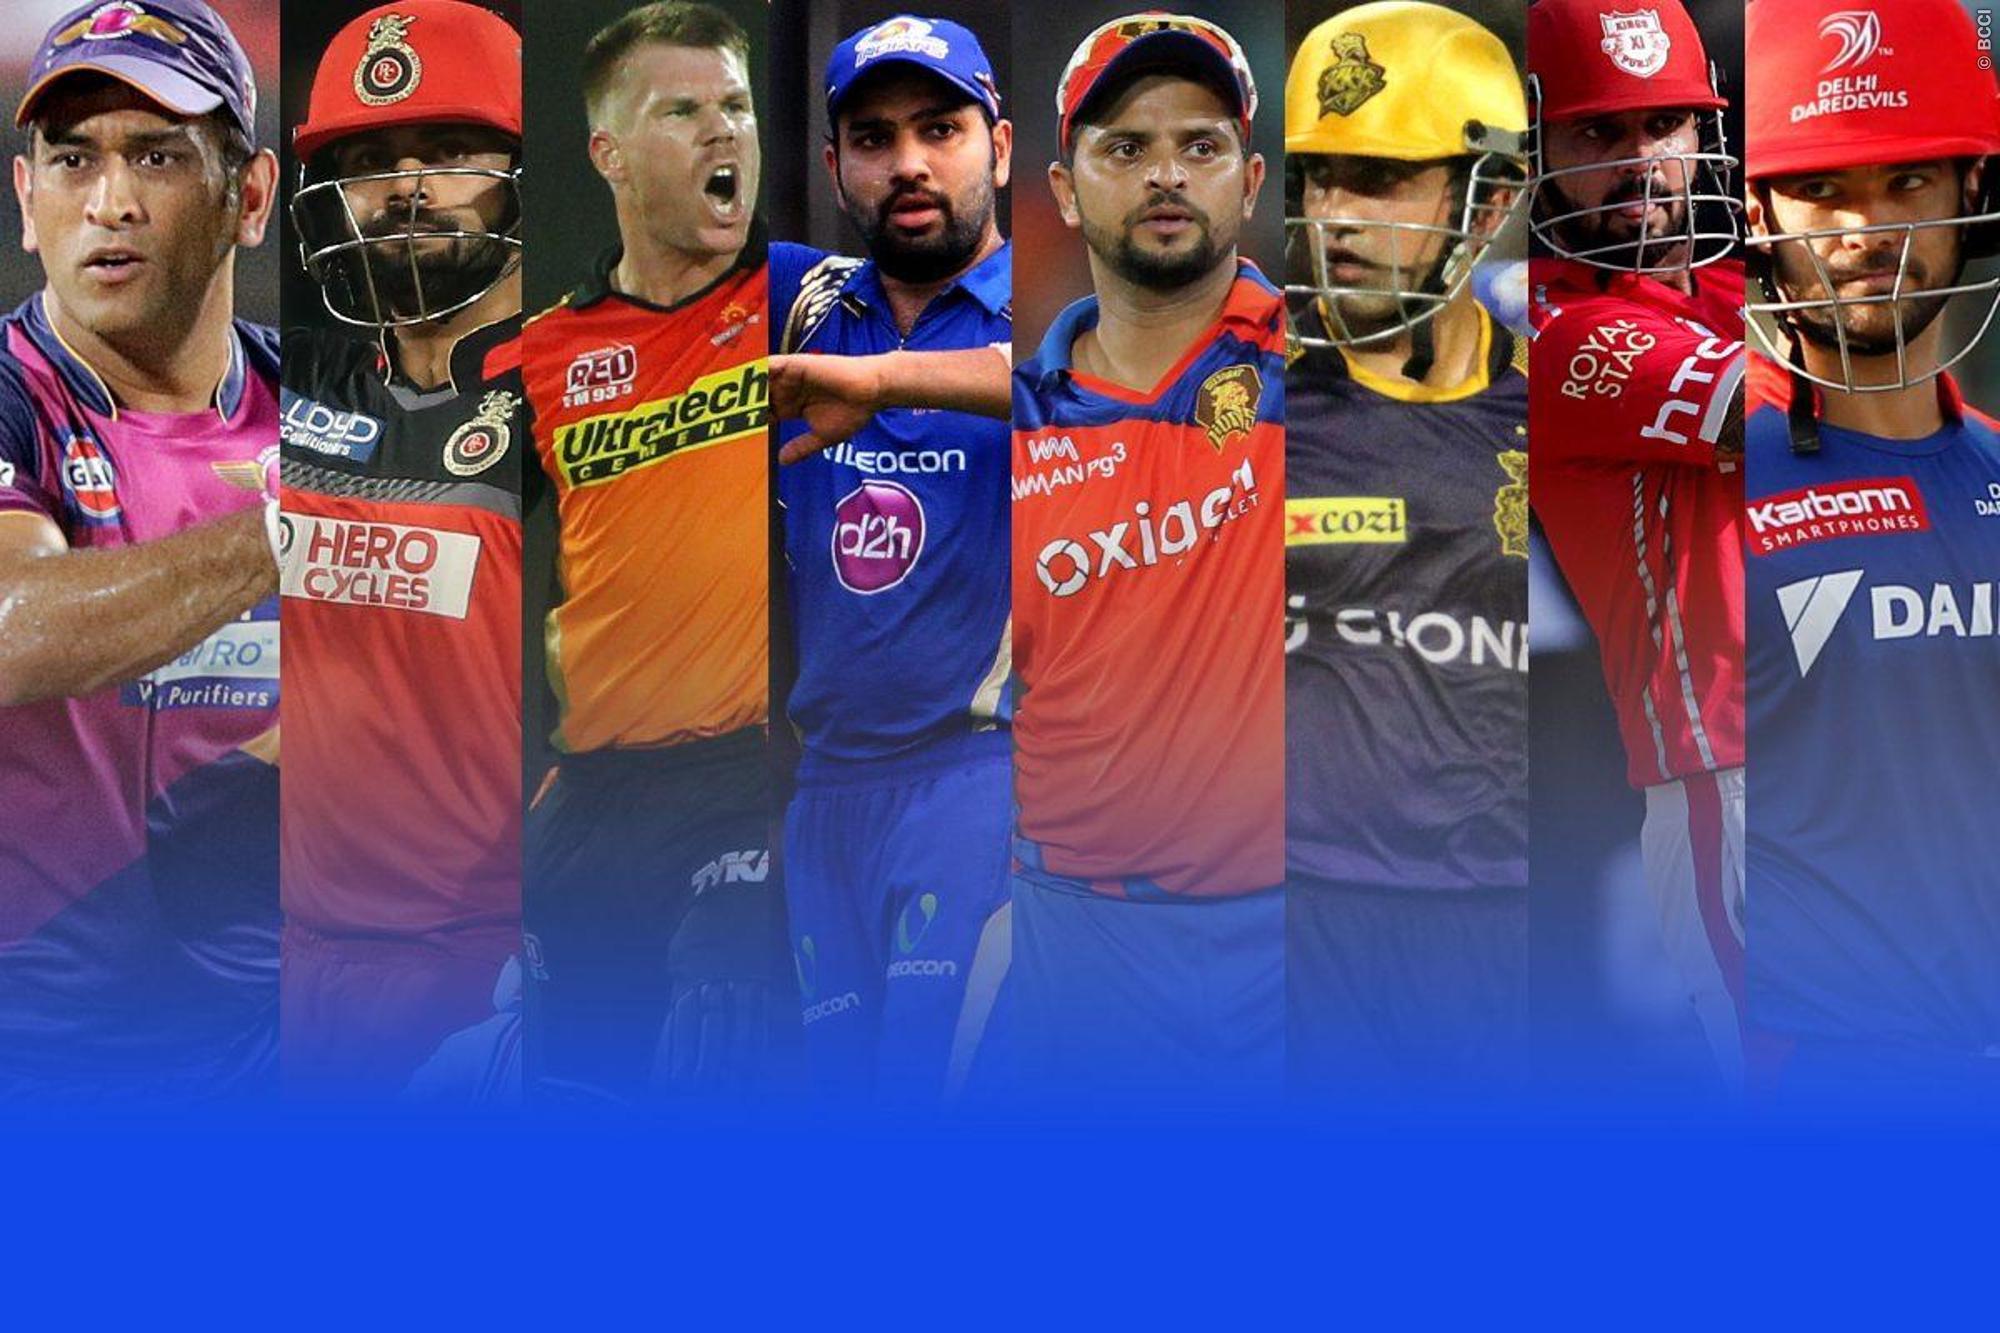 आईपीएल 2018 पड़ा खतरे में, आईपीएल फ्रेंचाइजीयां बीसीसीआई की ये बात मानने को तैयार नहीं 10